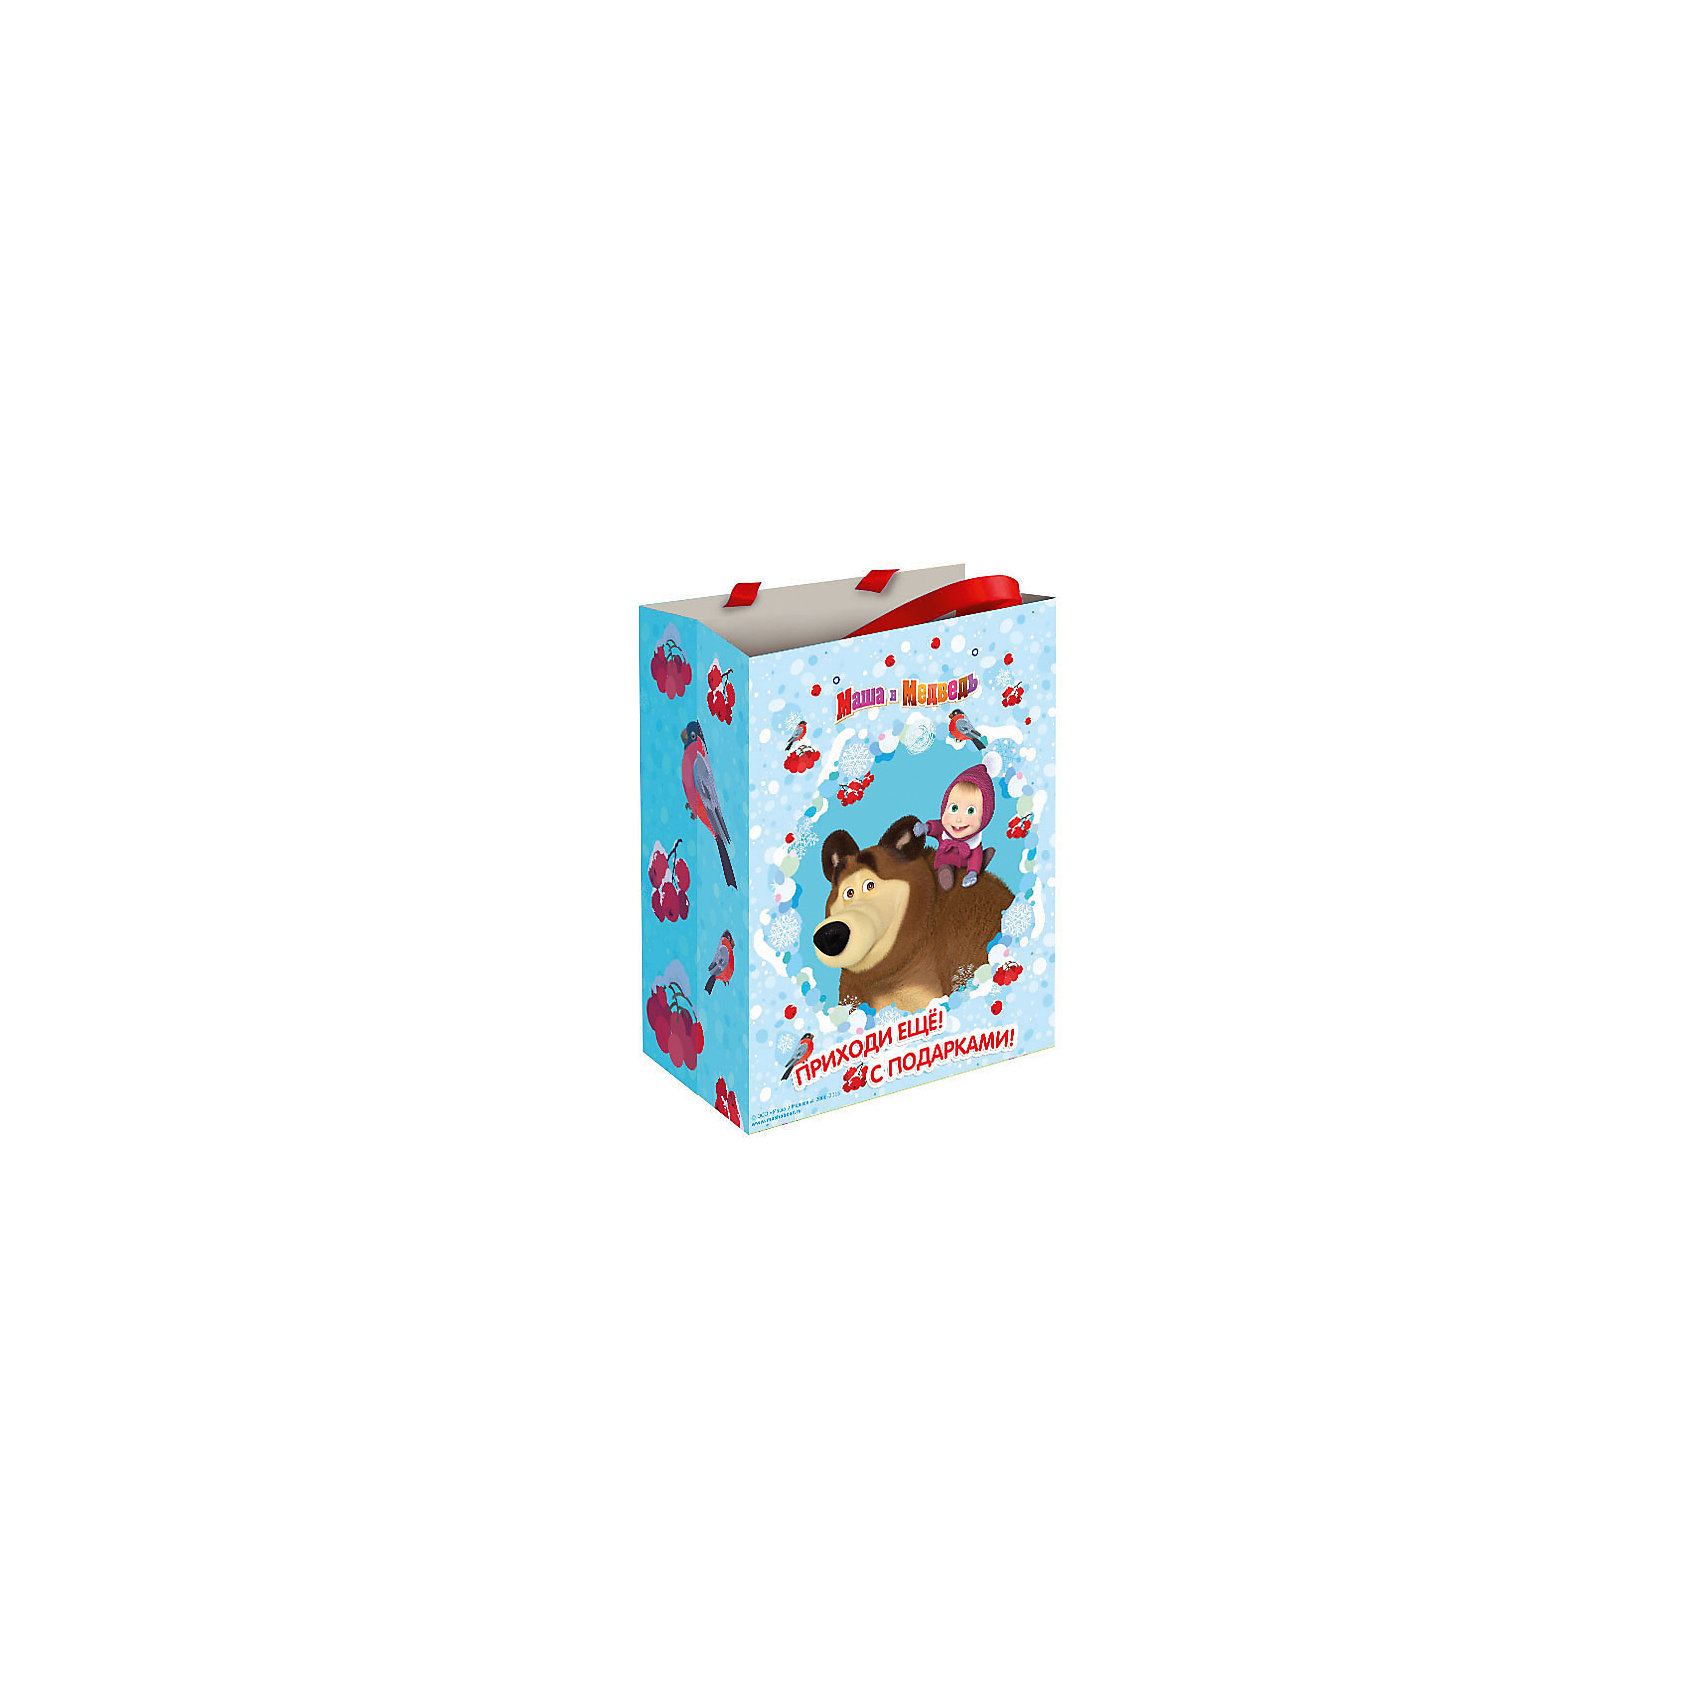 Росмэн Подарочный пакет Маша зимой 23*18*10 см росмэн подарочный пакет миньон монарх 350 250 90